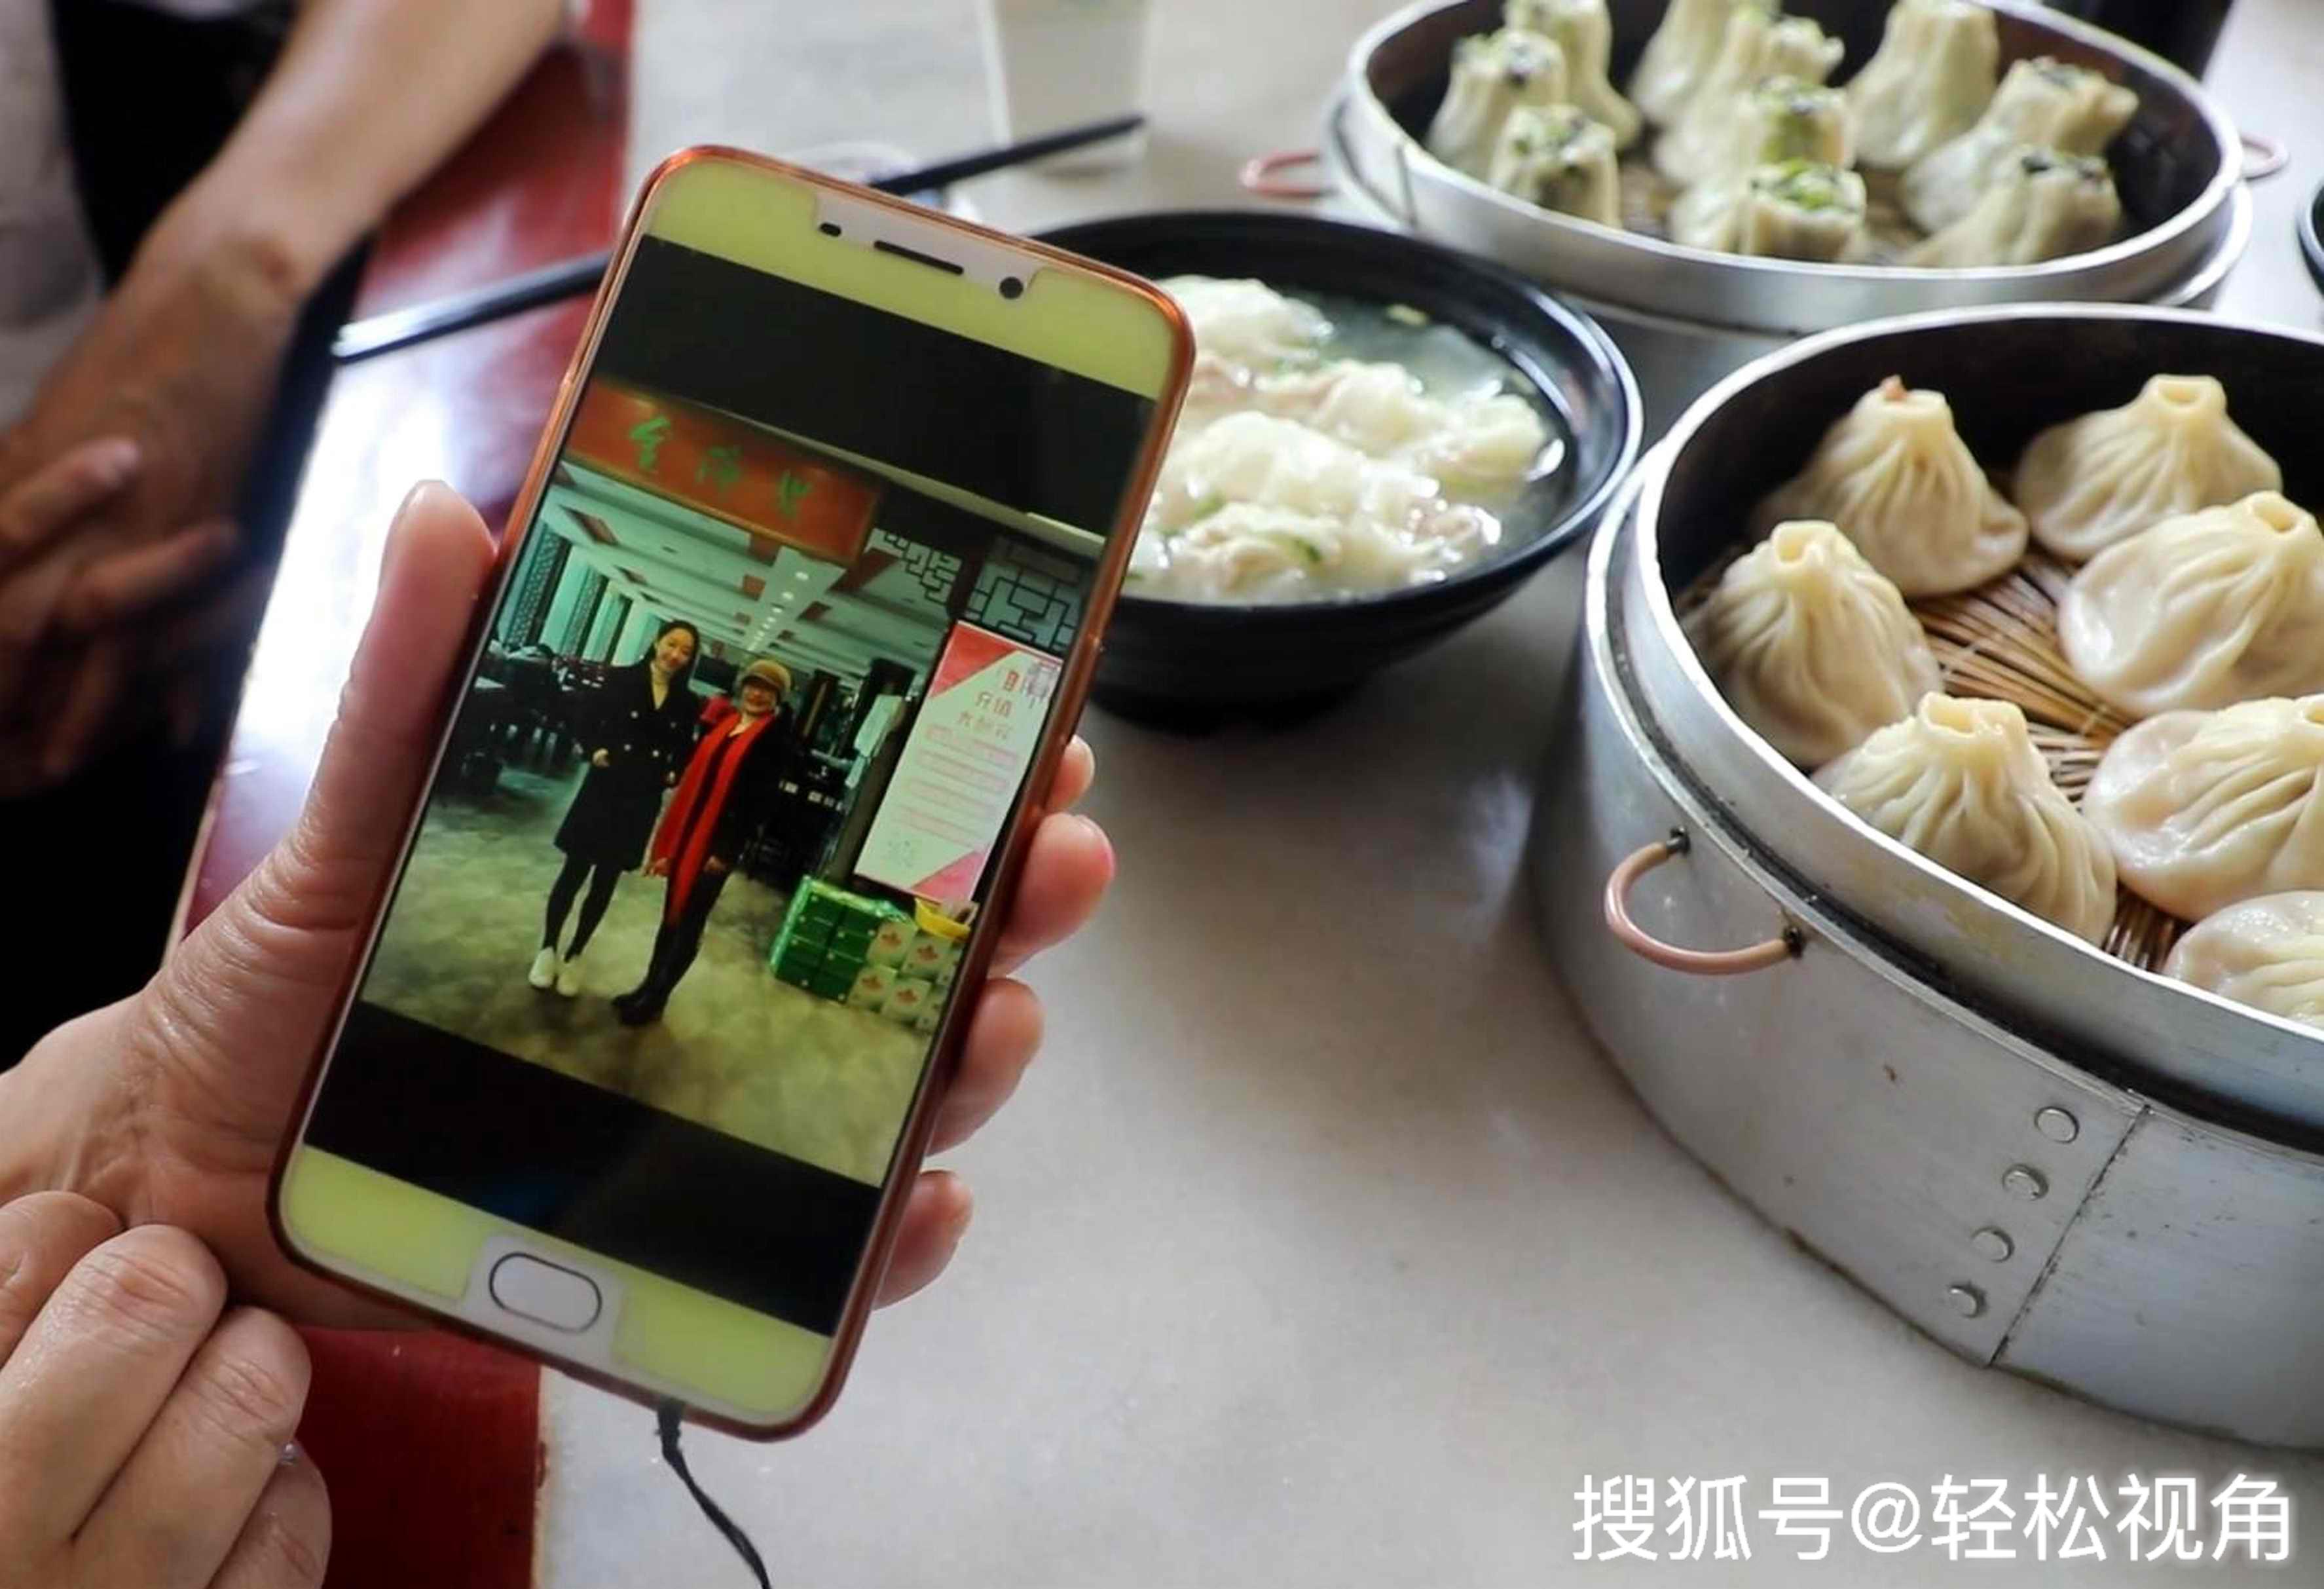 原创安徽芜湖:蒋梦婕回家打卡的小吃店,靠几样小吃卖了100多年